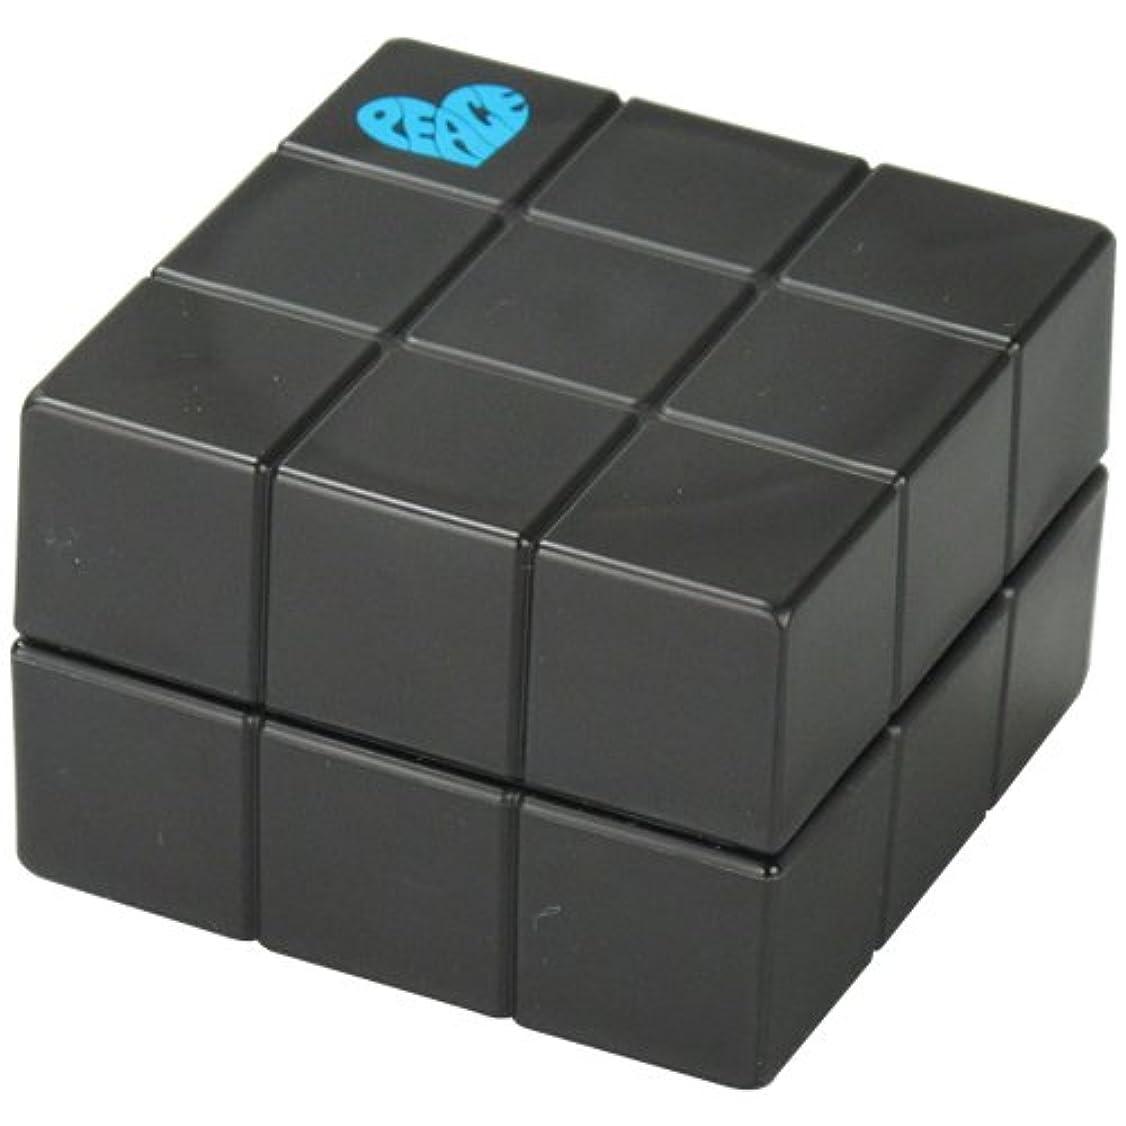 ベストシンポジウム教えてアリミノ ピース フリーズキープワックス #ブラック 40g [並行輸入品]